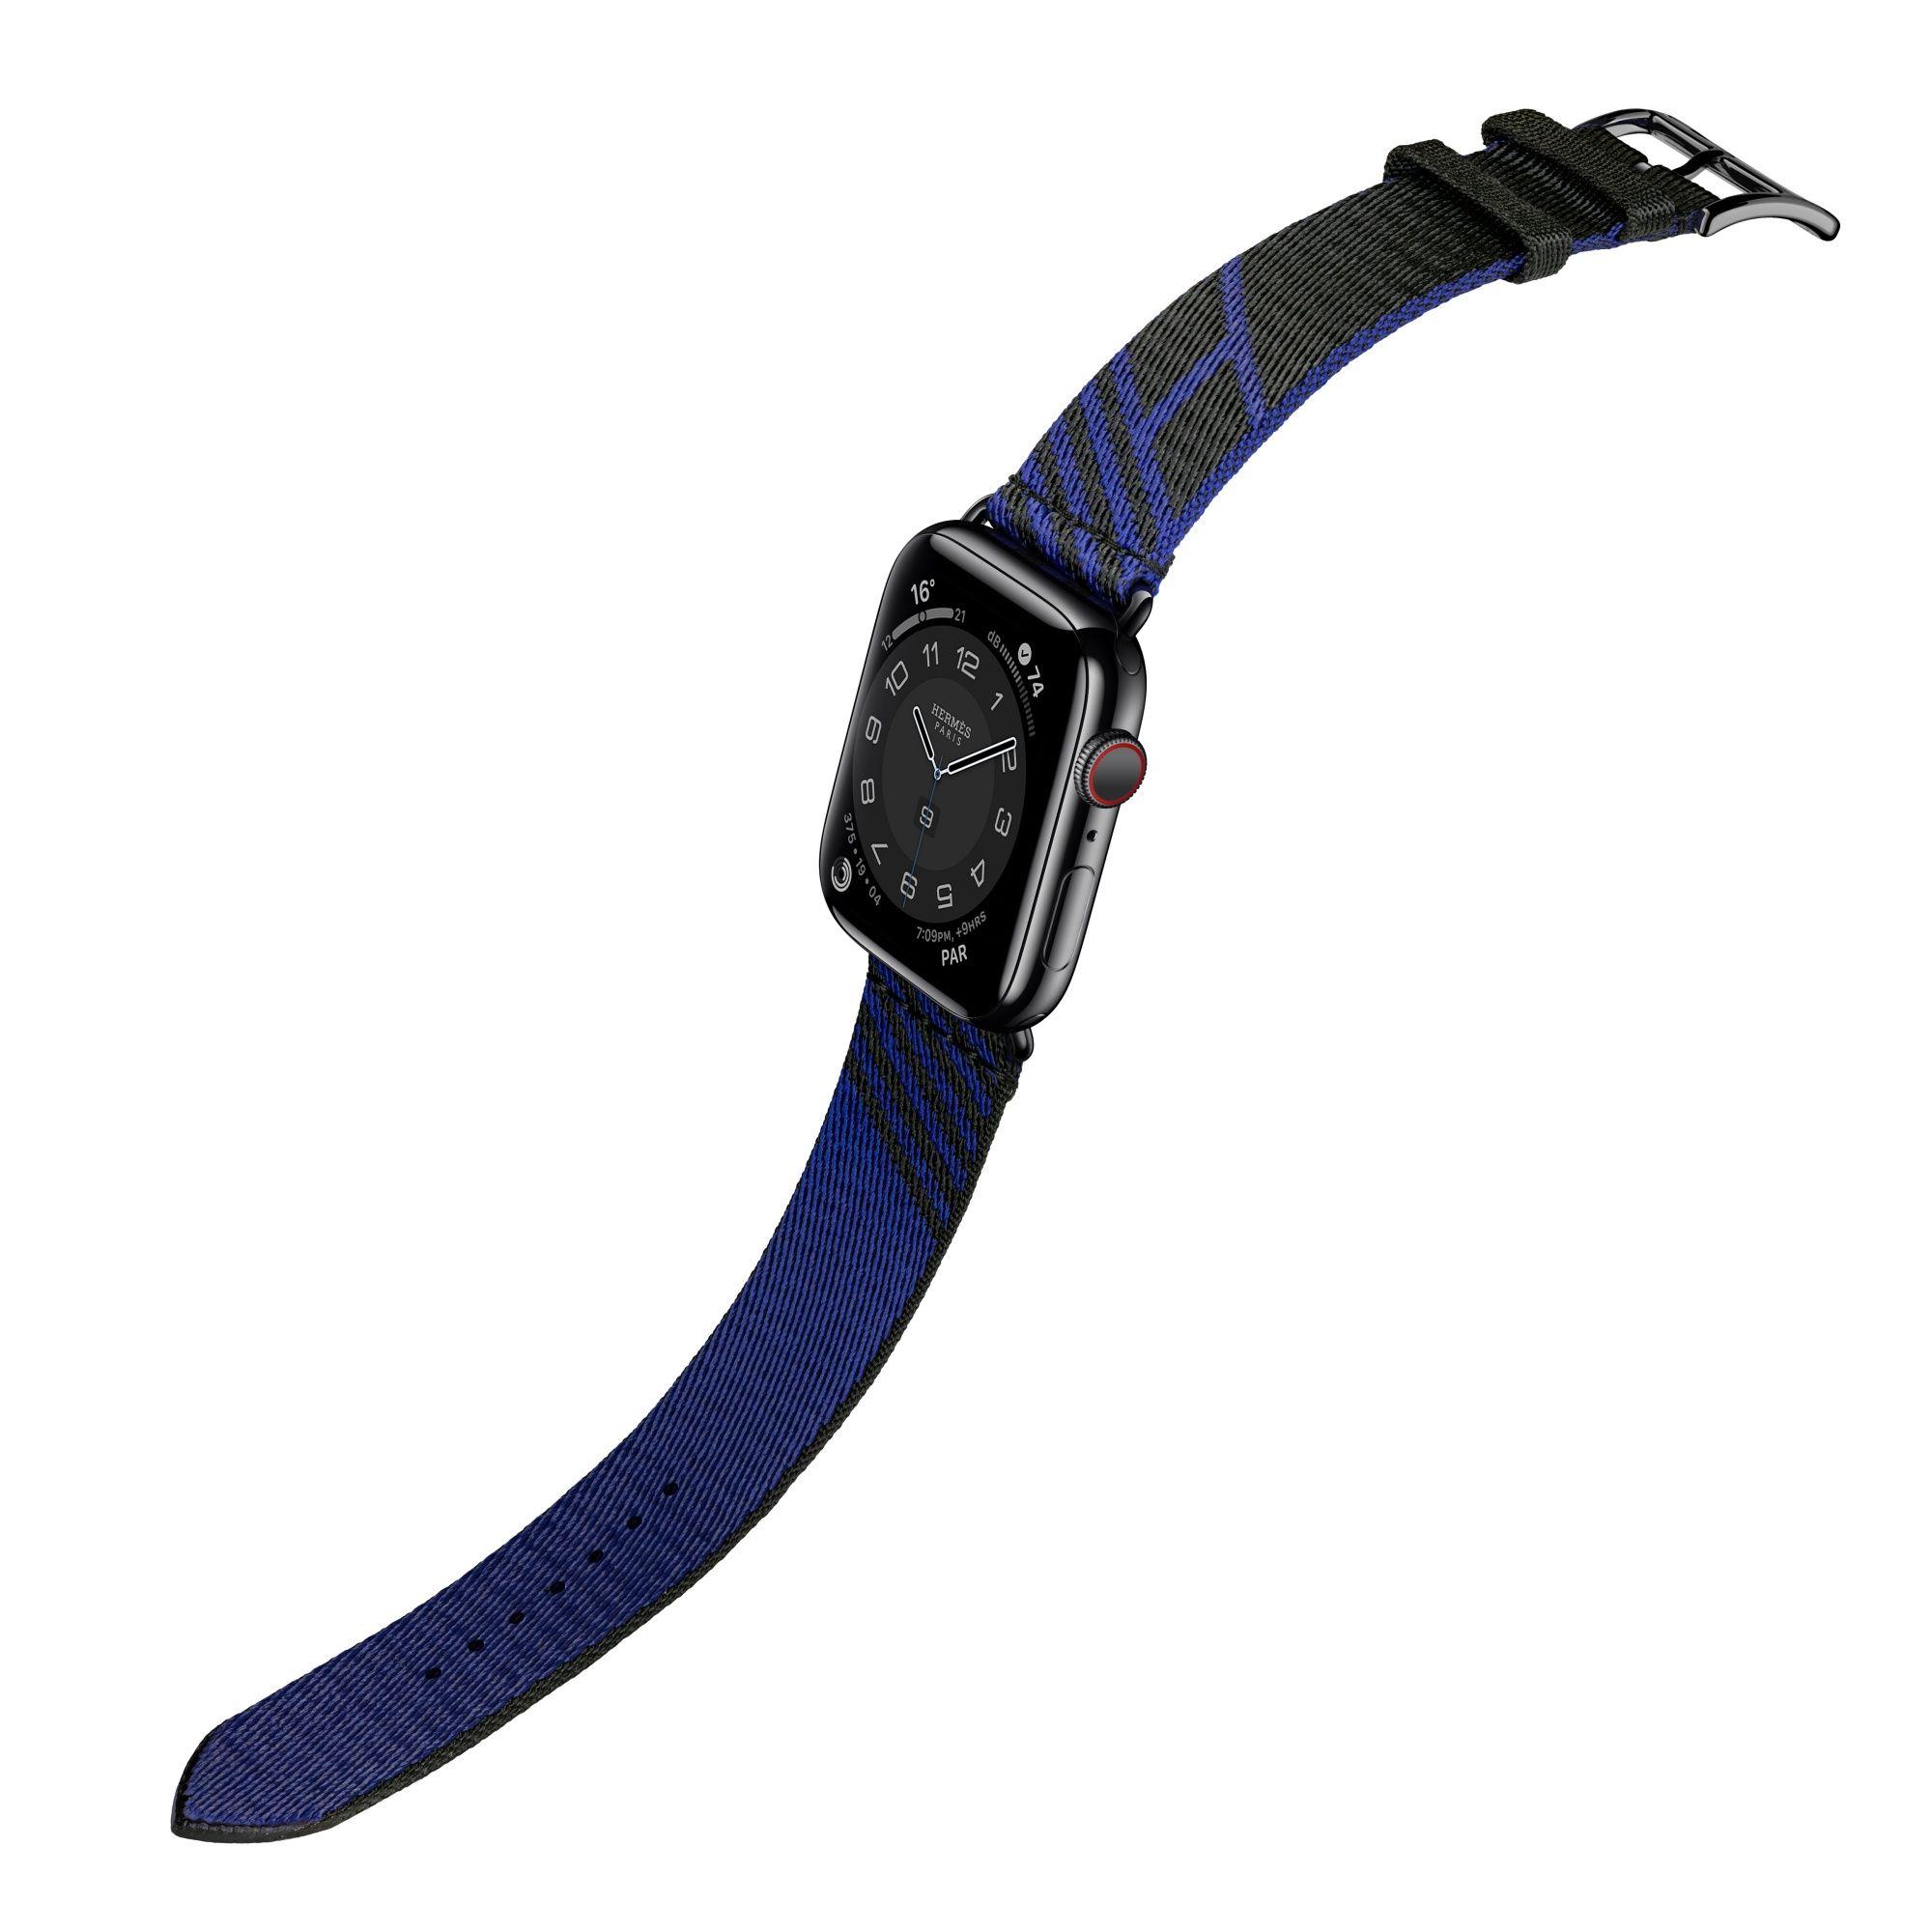 第六代 Apple Watch Hermès Jumping 圖紋印花系列織帶錶款(黑色與藍寶石色),建議售價 NT$9,900